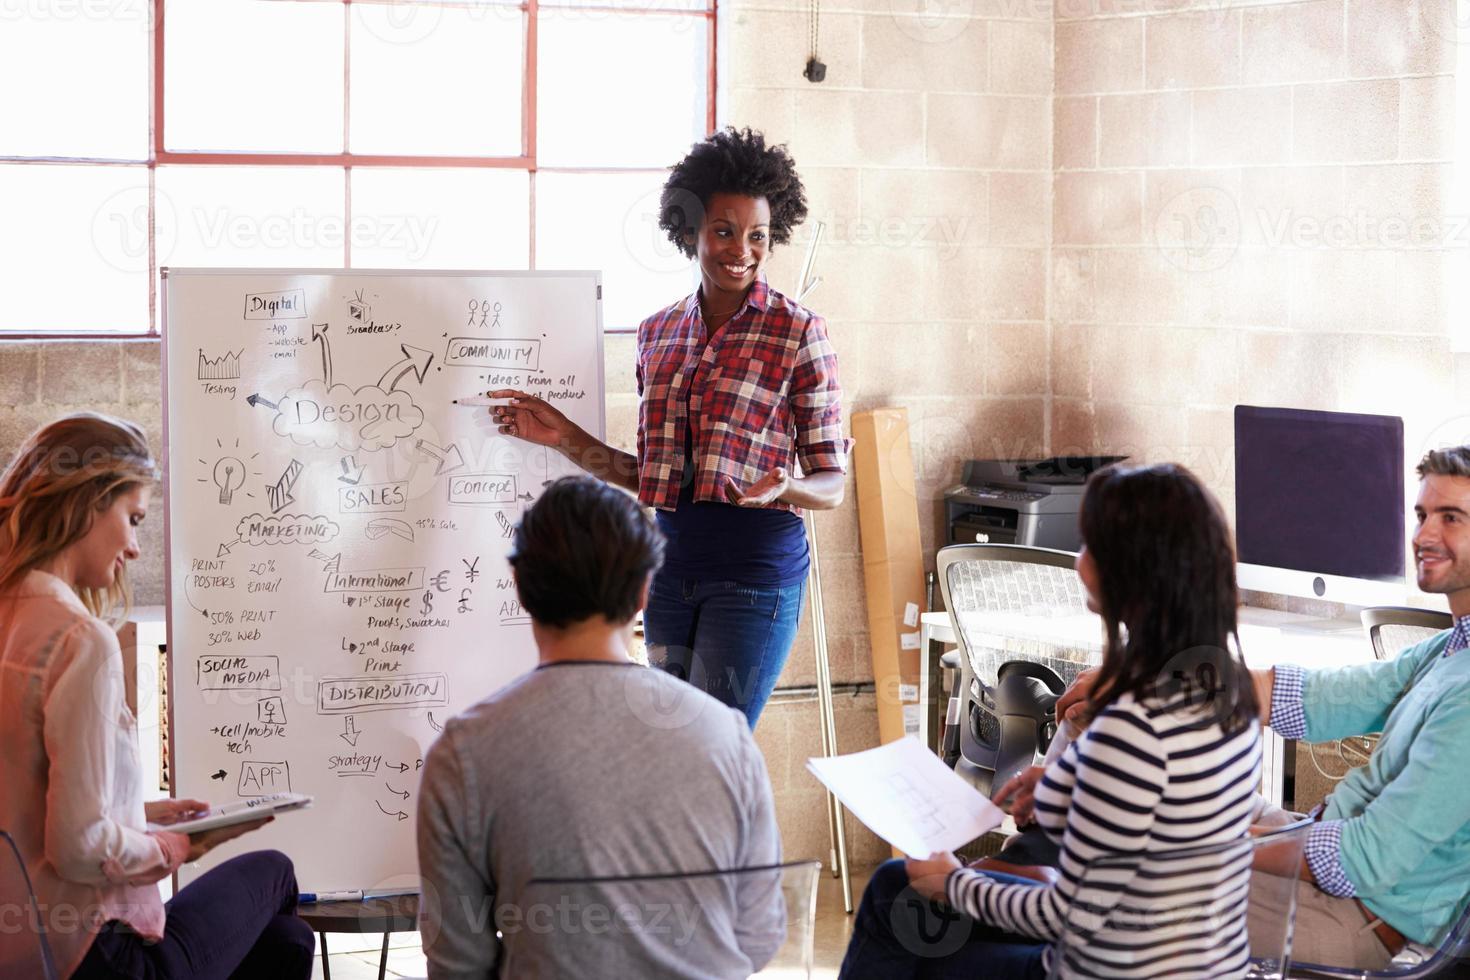 groep ontwerpers met brainstormsessie in kantoor foto